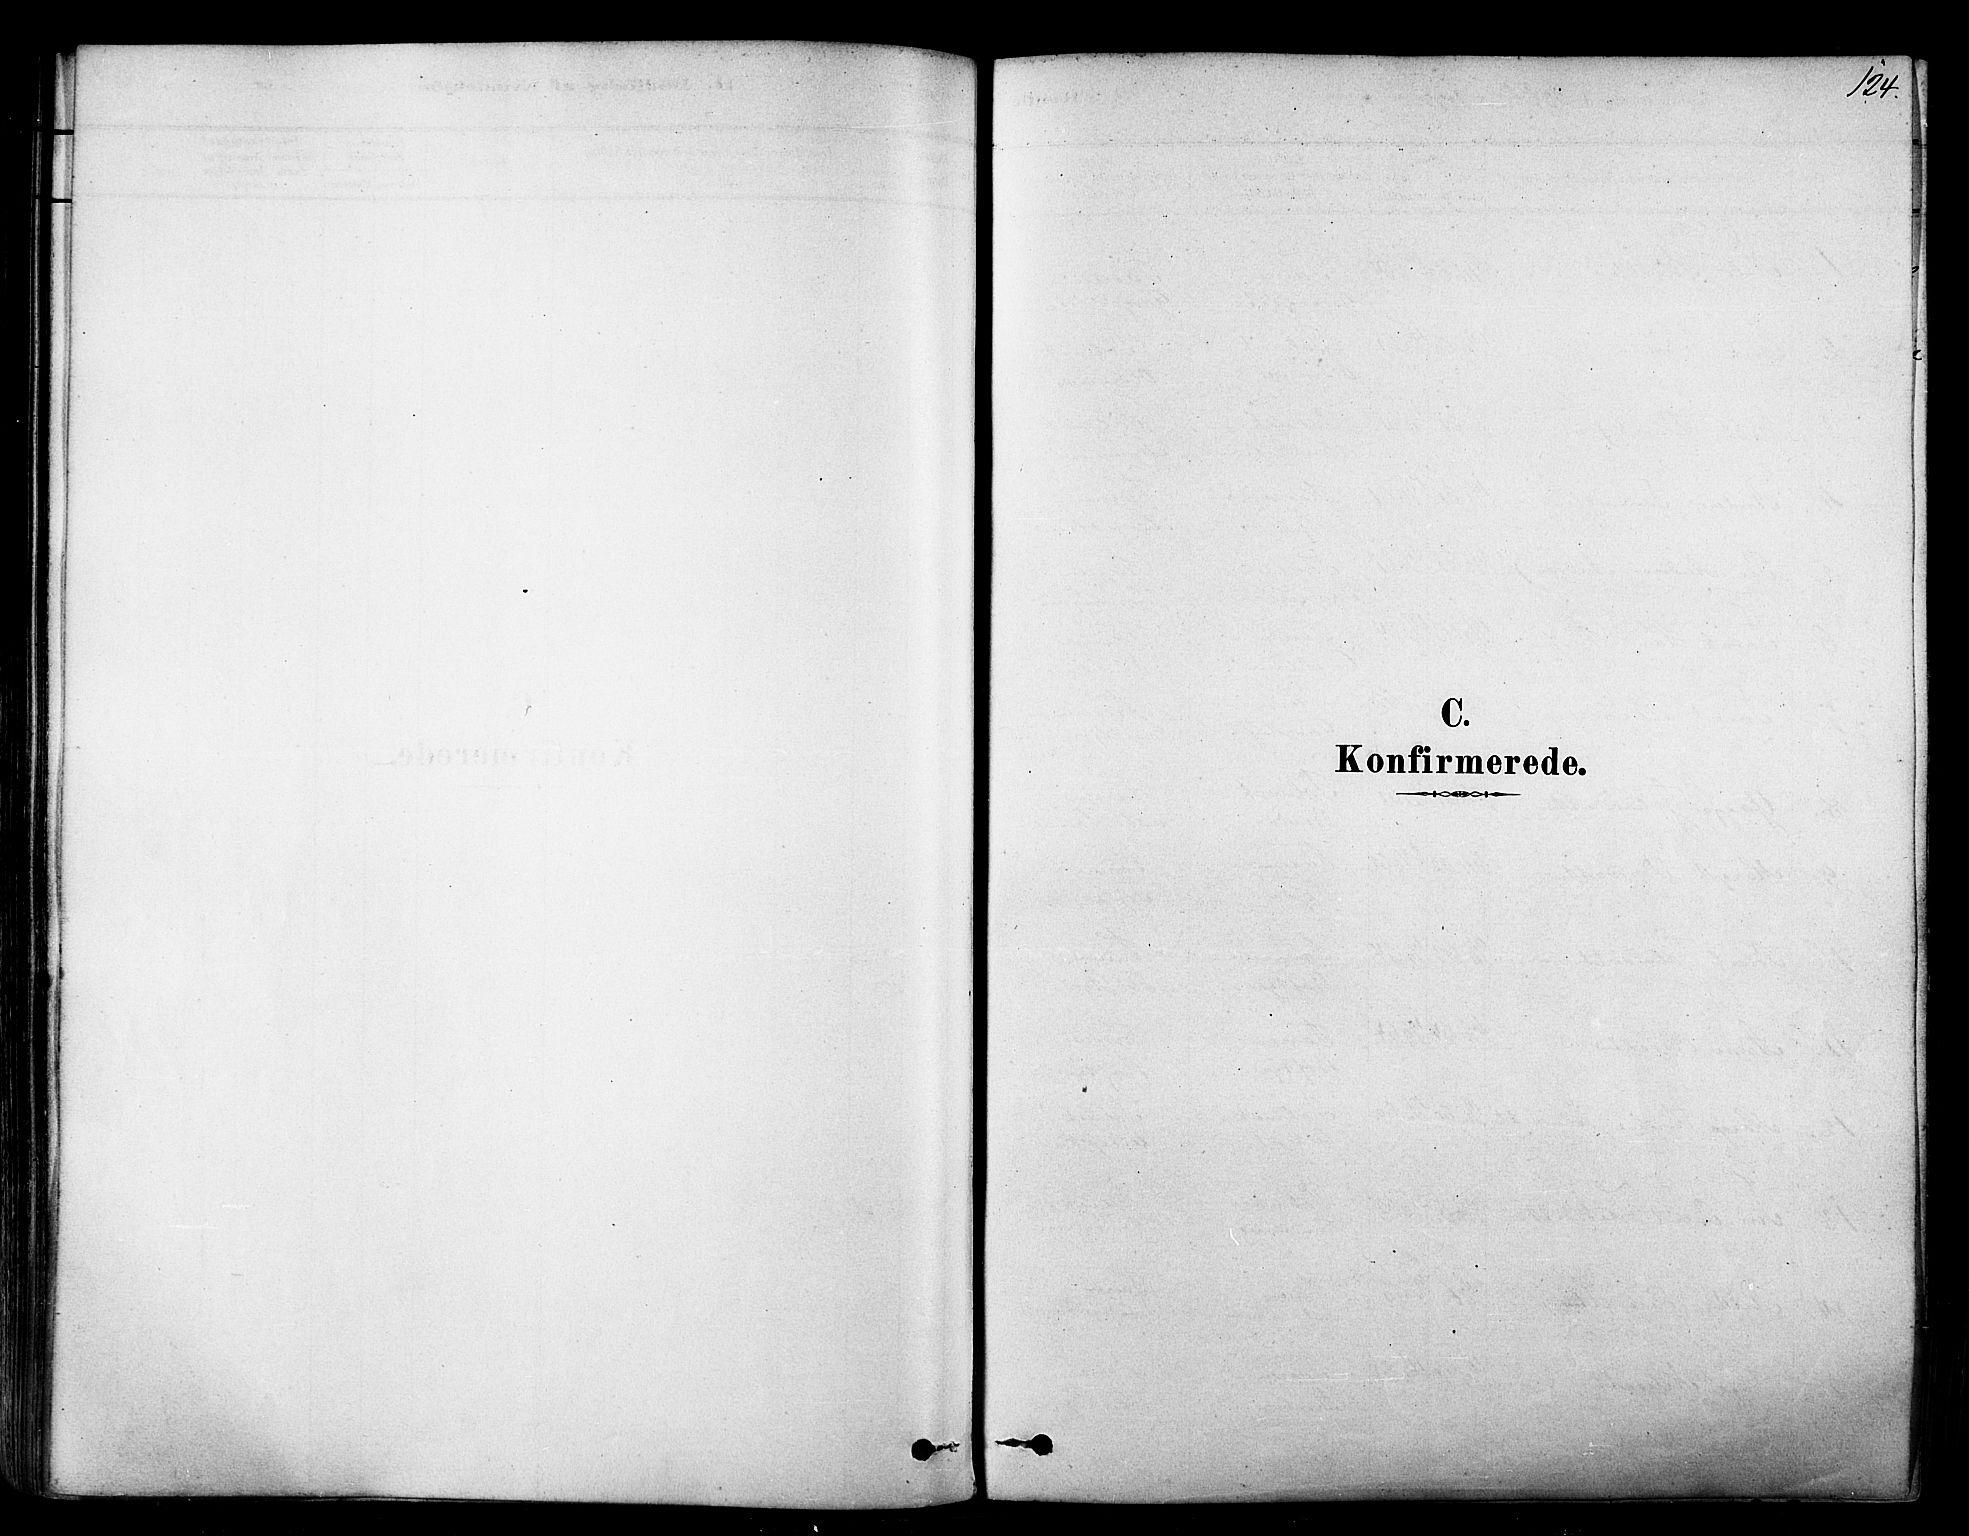 SATØ, Tana sokneprestkontor, H/Ha/L0004kirke: Ministerialbok nr. 4, 1878-1891, s. 124